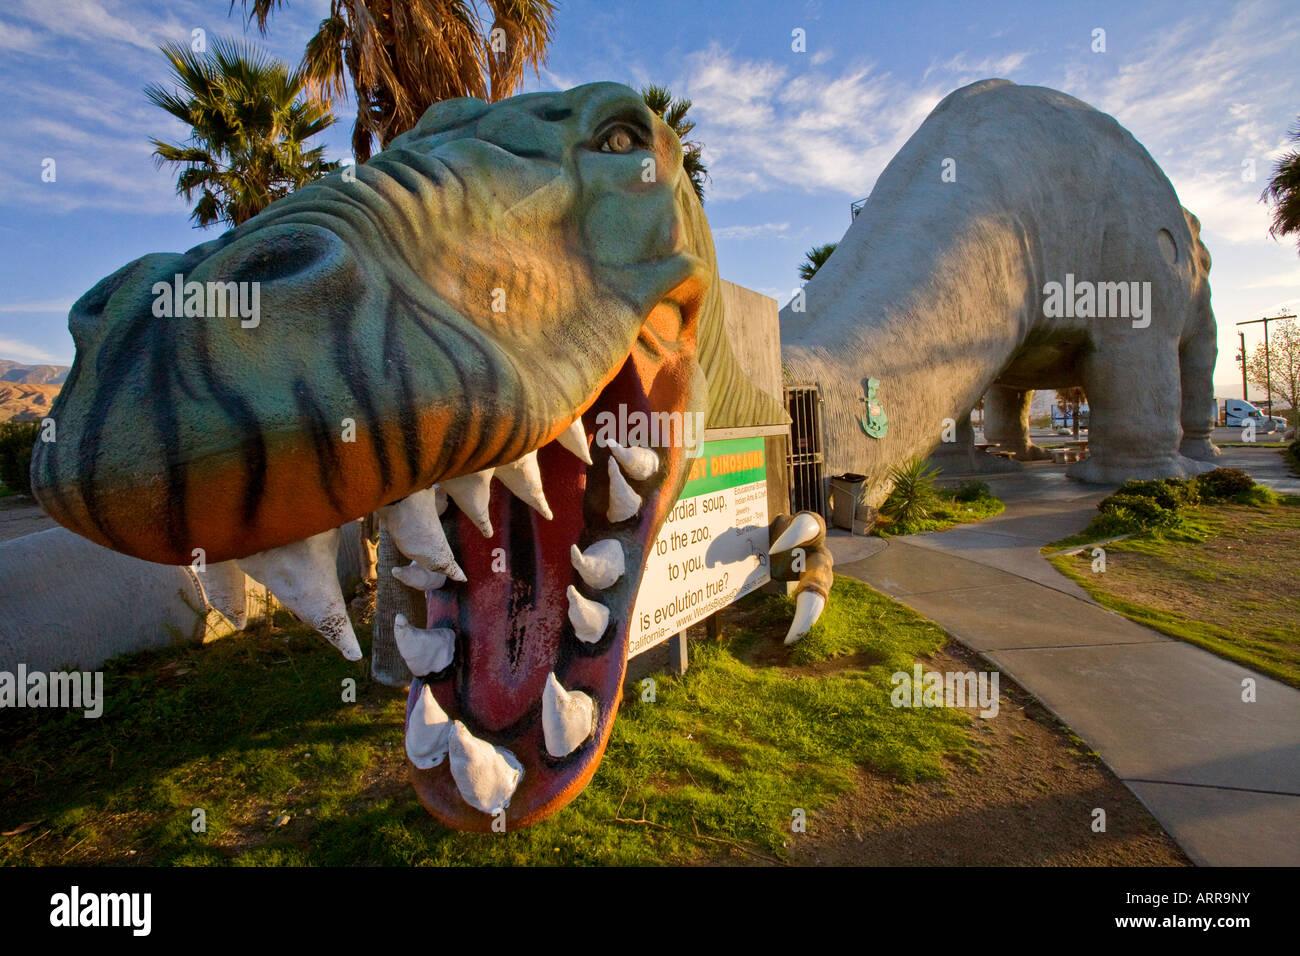 Dinosaur Replicas Cabazon Truck Stop Cabazon California USA - Stock Image